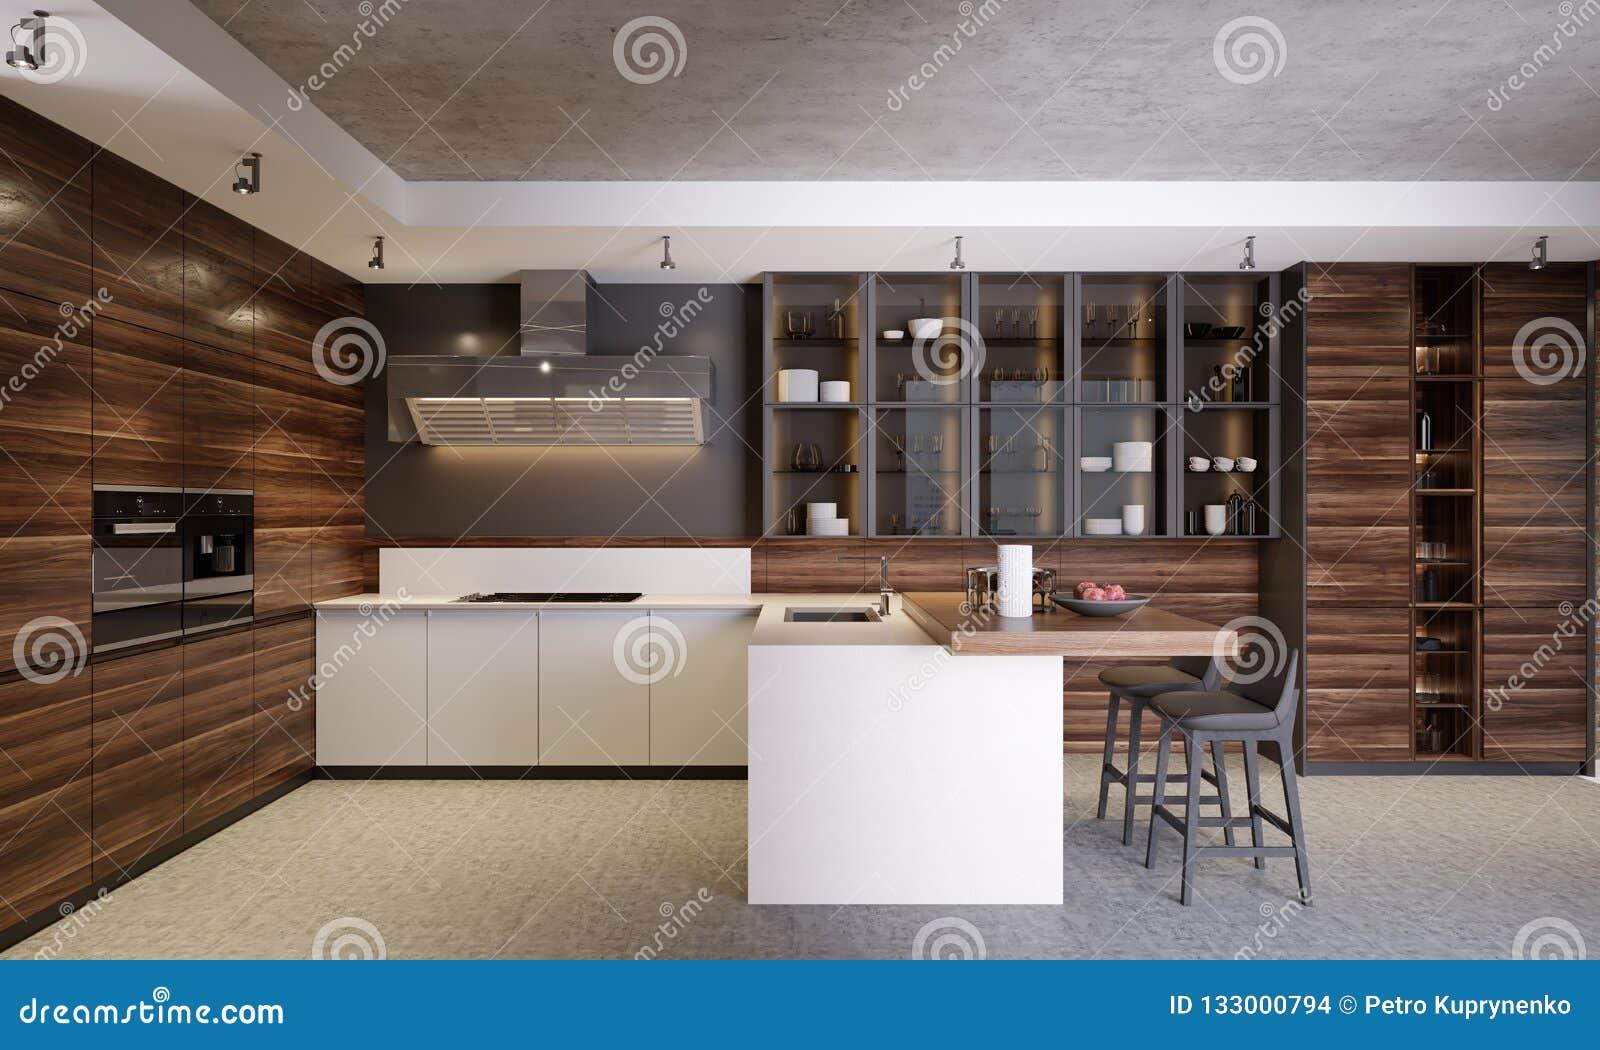 Cocina Contemporanea De Madera Oscura Moderna Interior Con Los